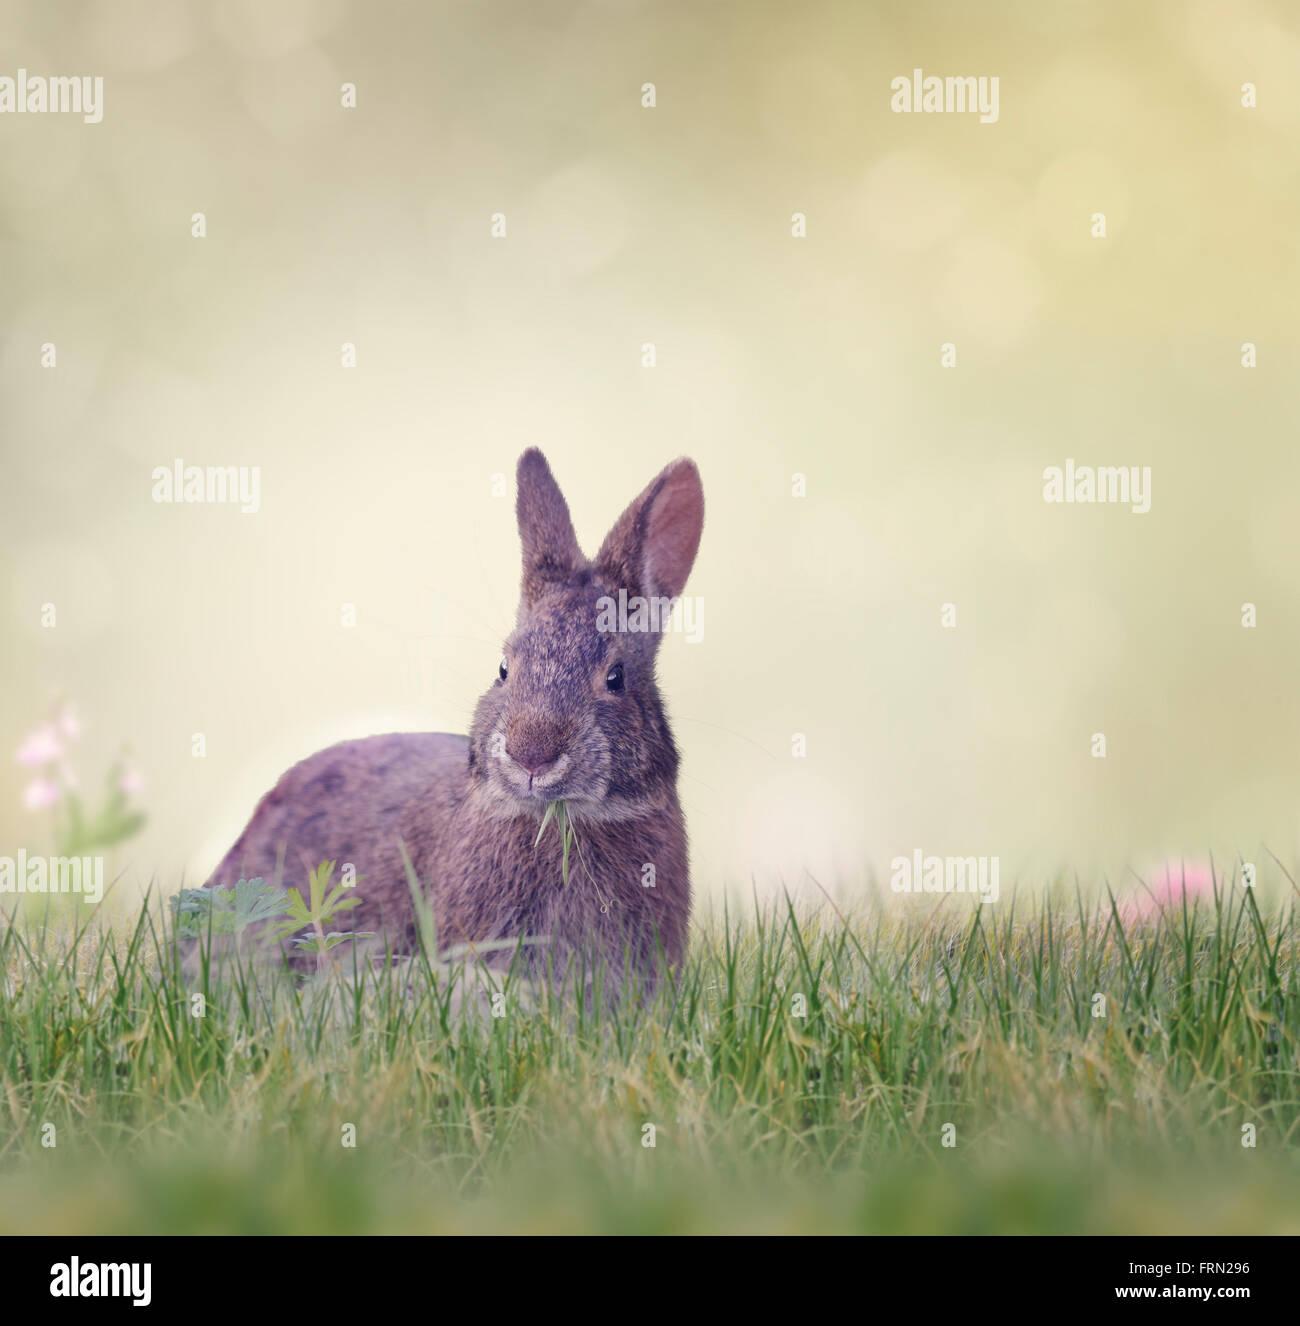 Marsh Rabbit Eating Green Grass - Stock Image